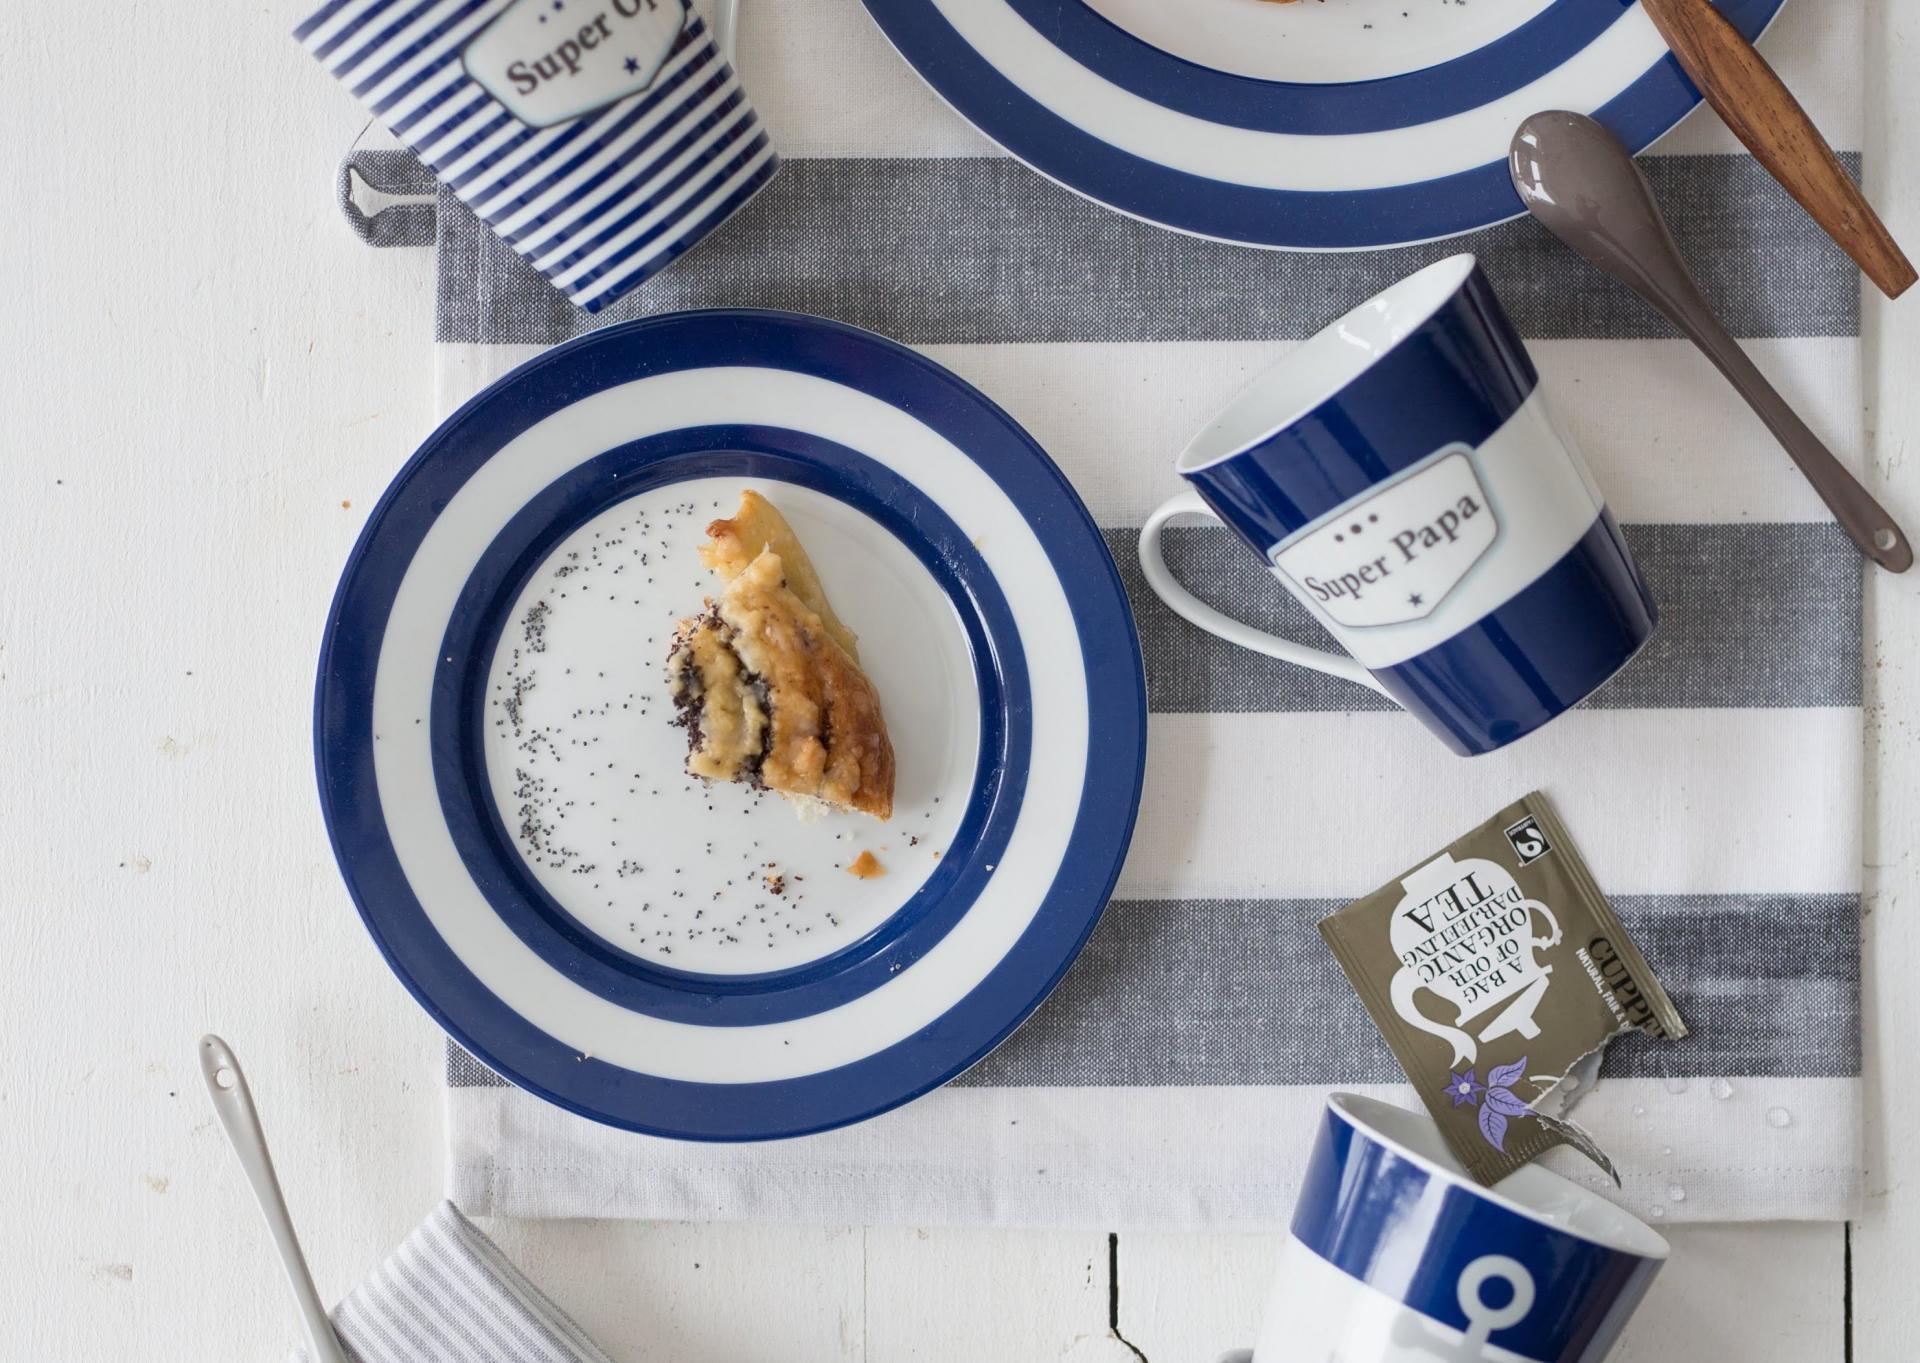 Krasilnikoff Dezertní talíř Blue Stripes, modrá barva, bílá barva, porcelán